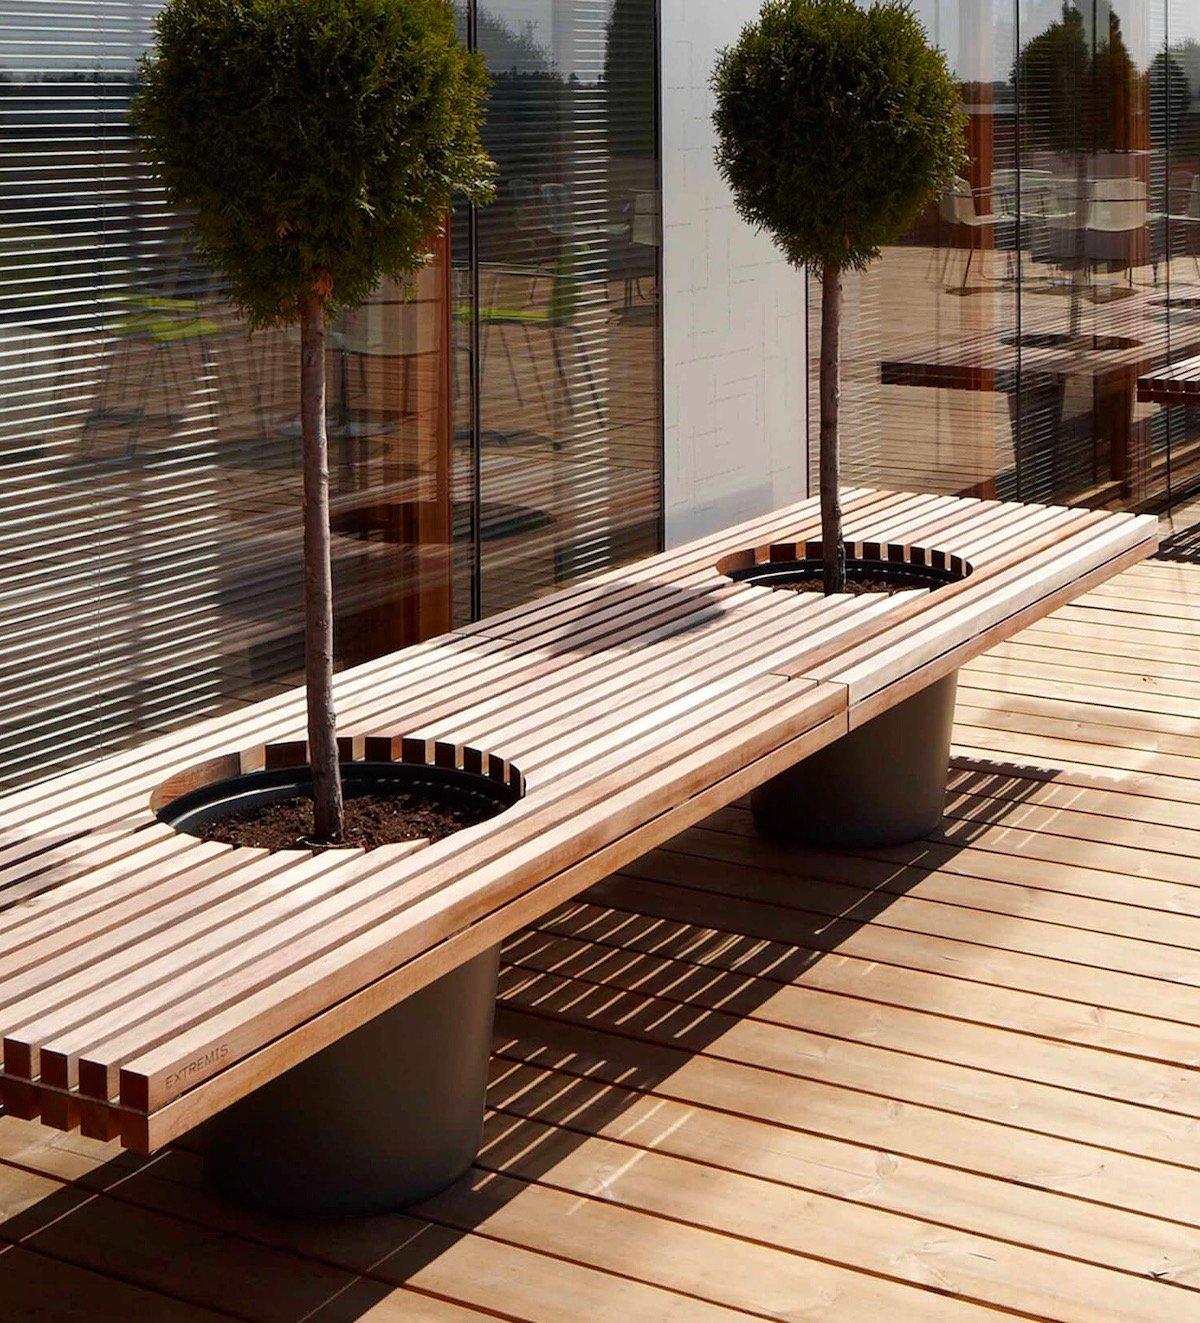 banc avec pot fleur intégré arbuste romeo juliette meuble végétal terrasse bois latte